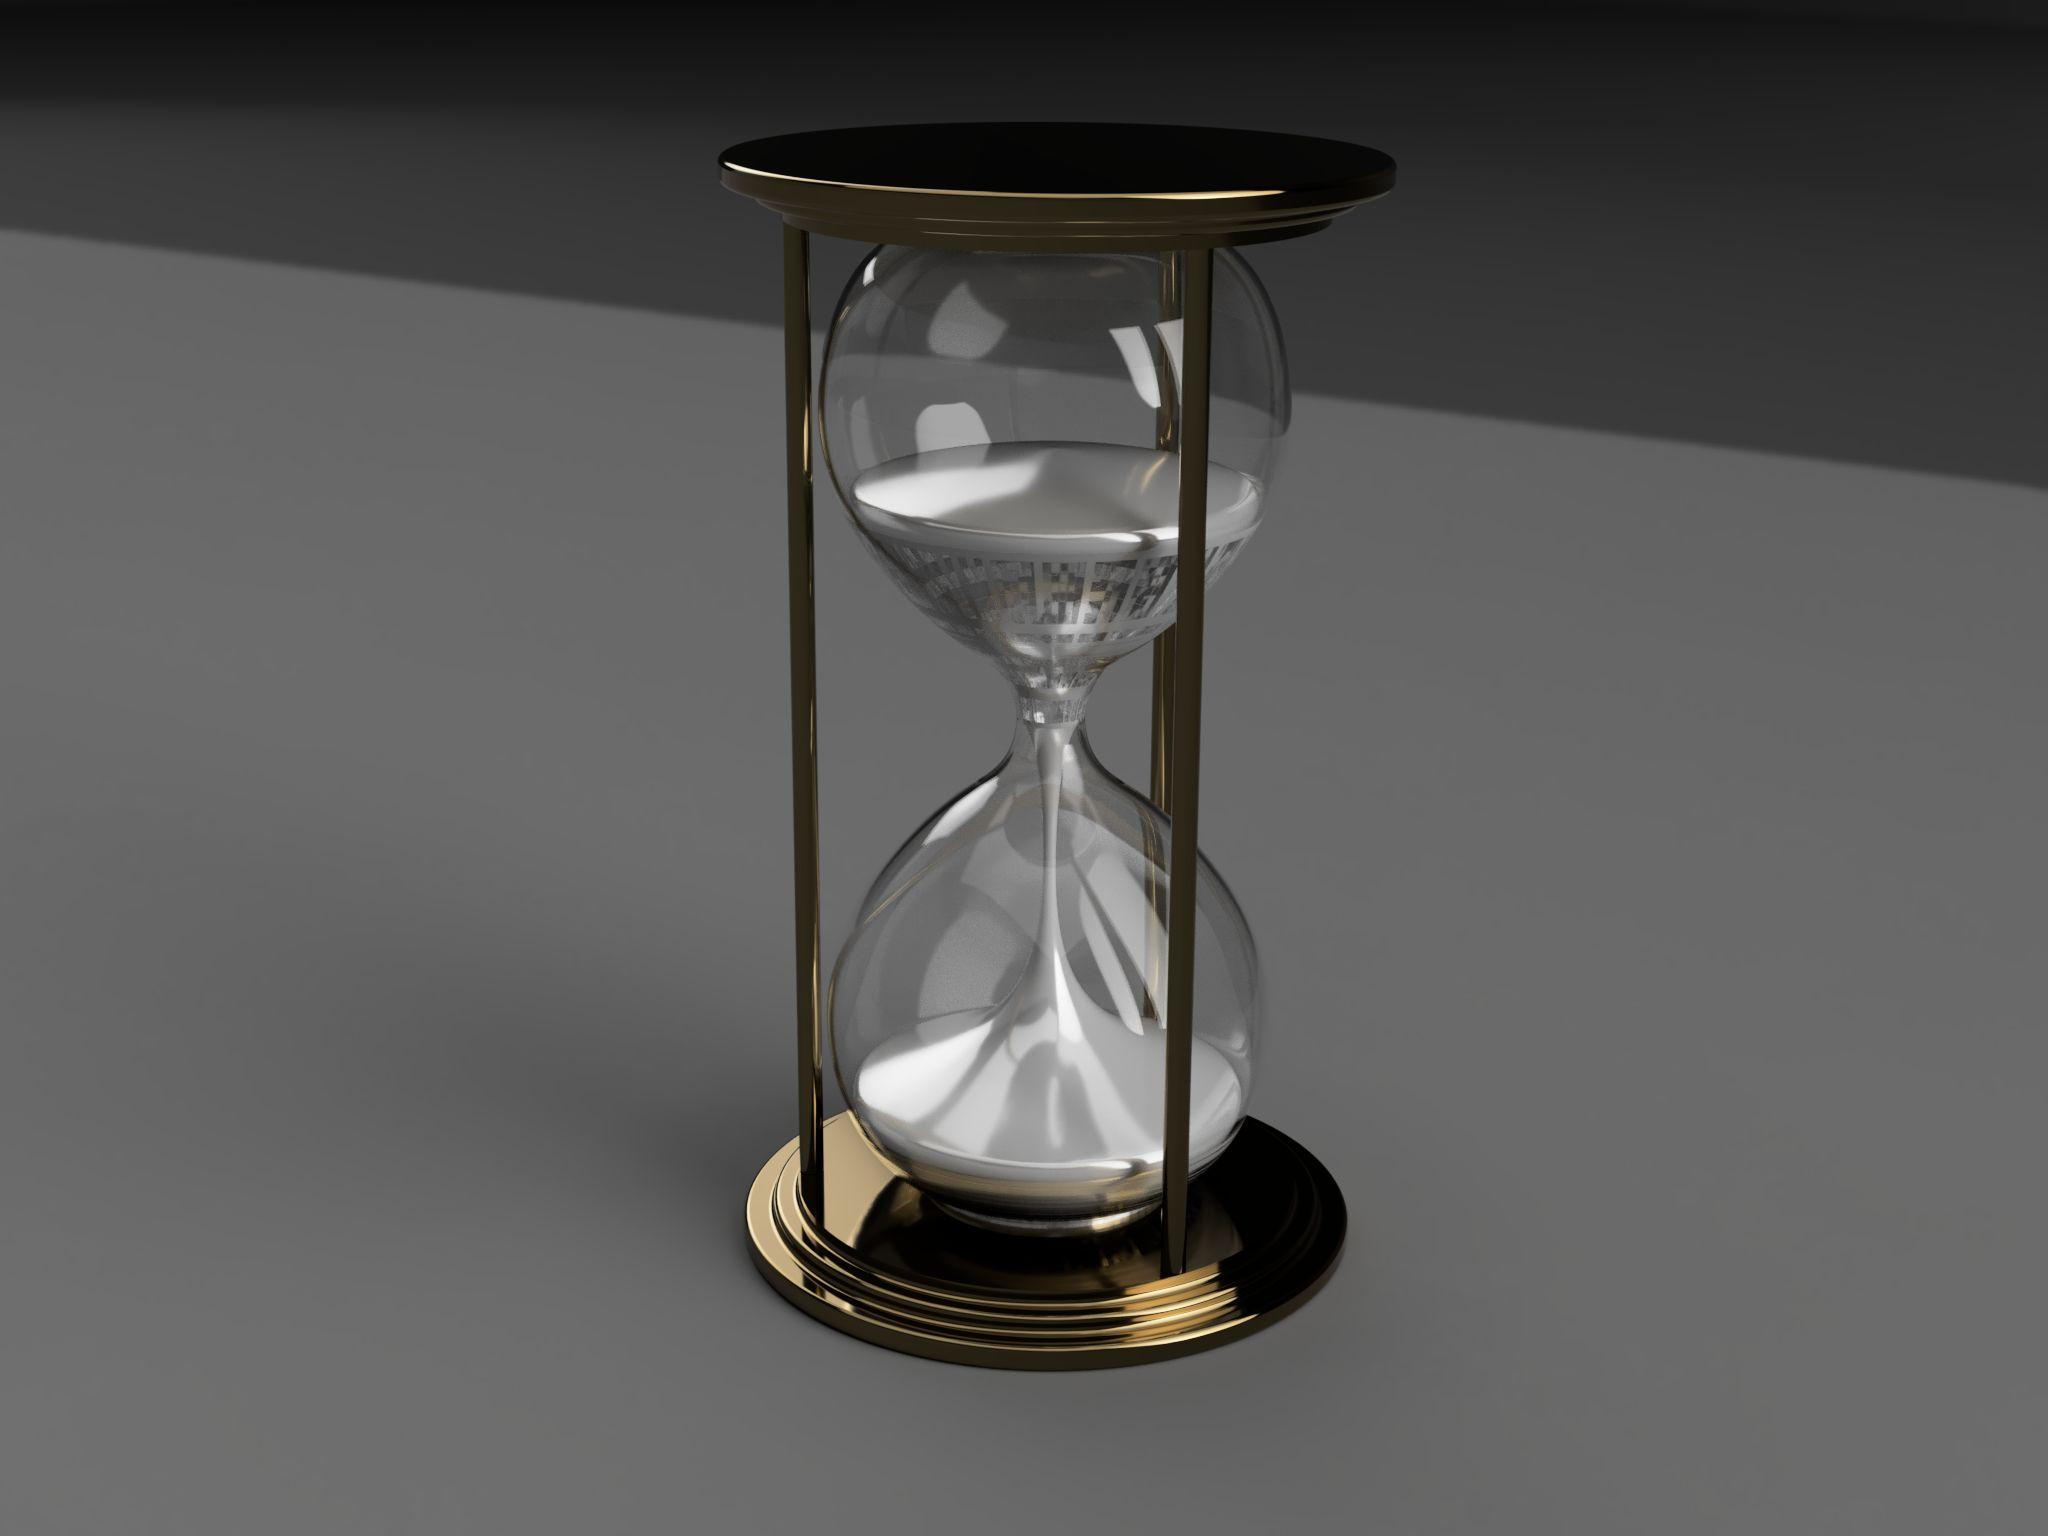 P0--reloj-de-arena-2019-dec-26-12-59-46am-000-customizedview10441392846-png-3500-3500